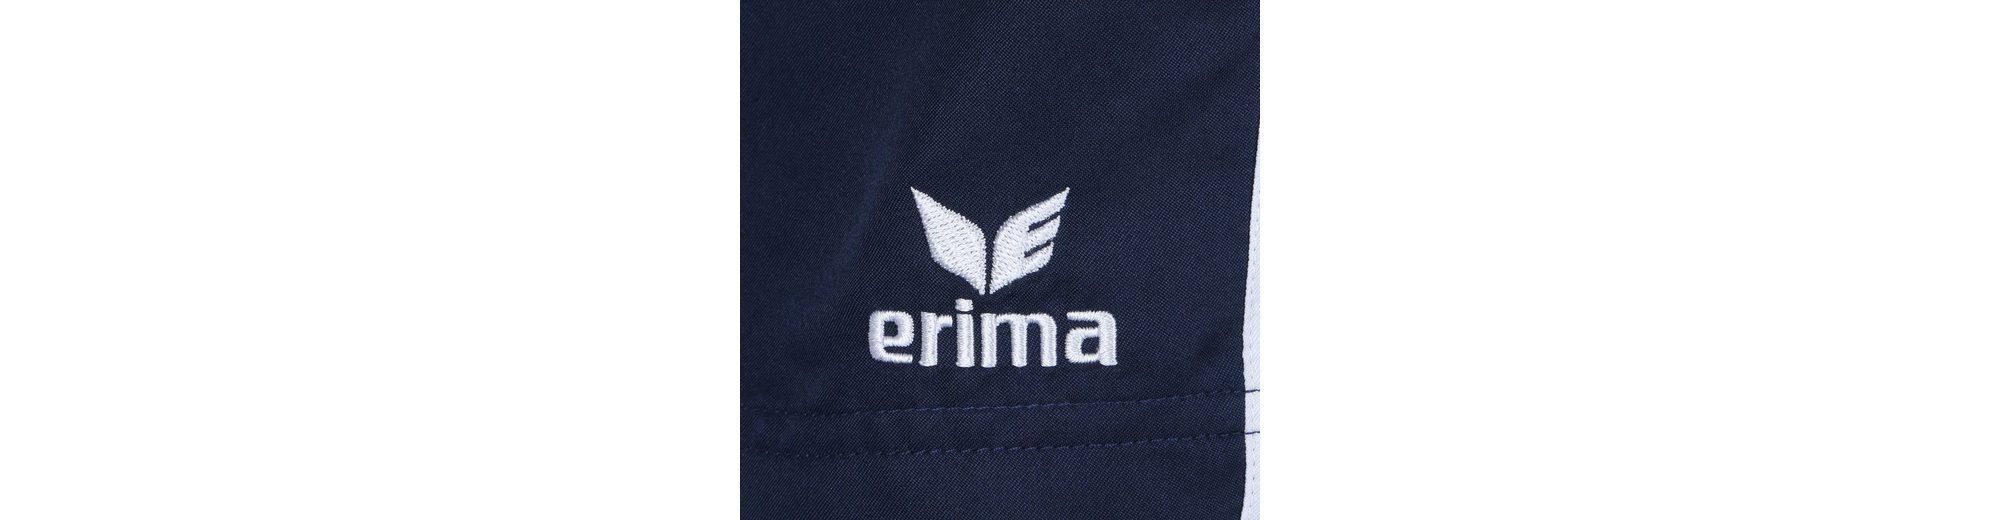 ERIMA 5-CUBES SERIES Short Damen Billig Kaufen Aus Deutschland Günstigem Preis wJbY0